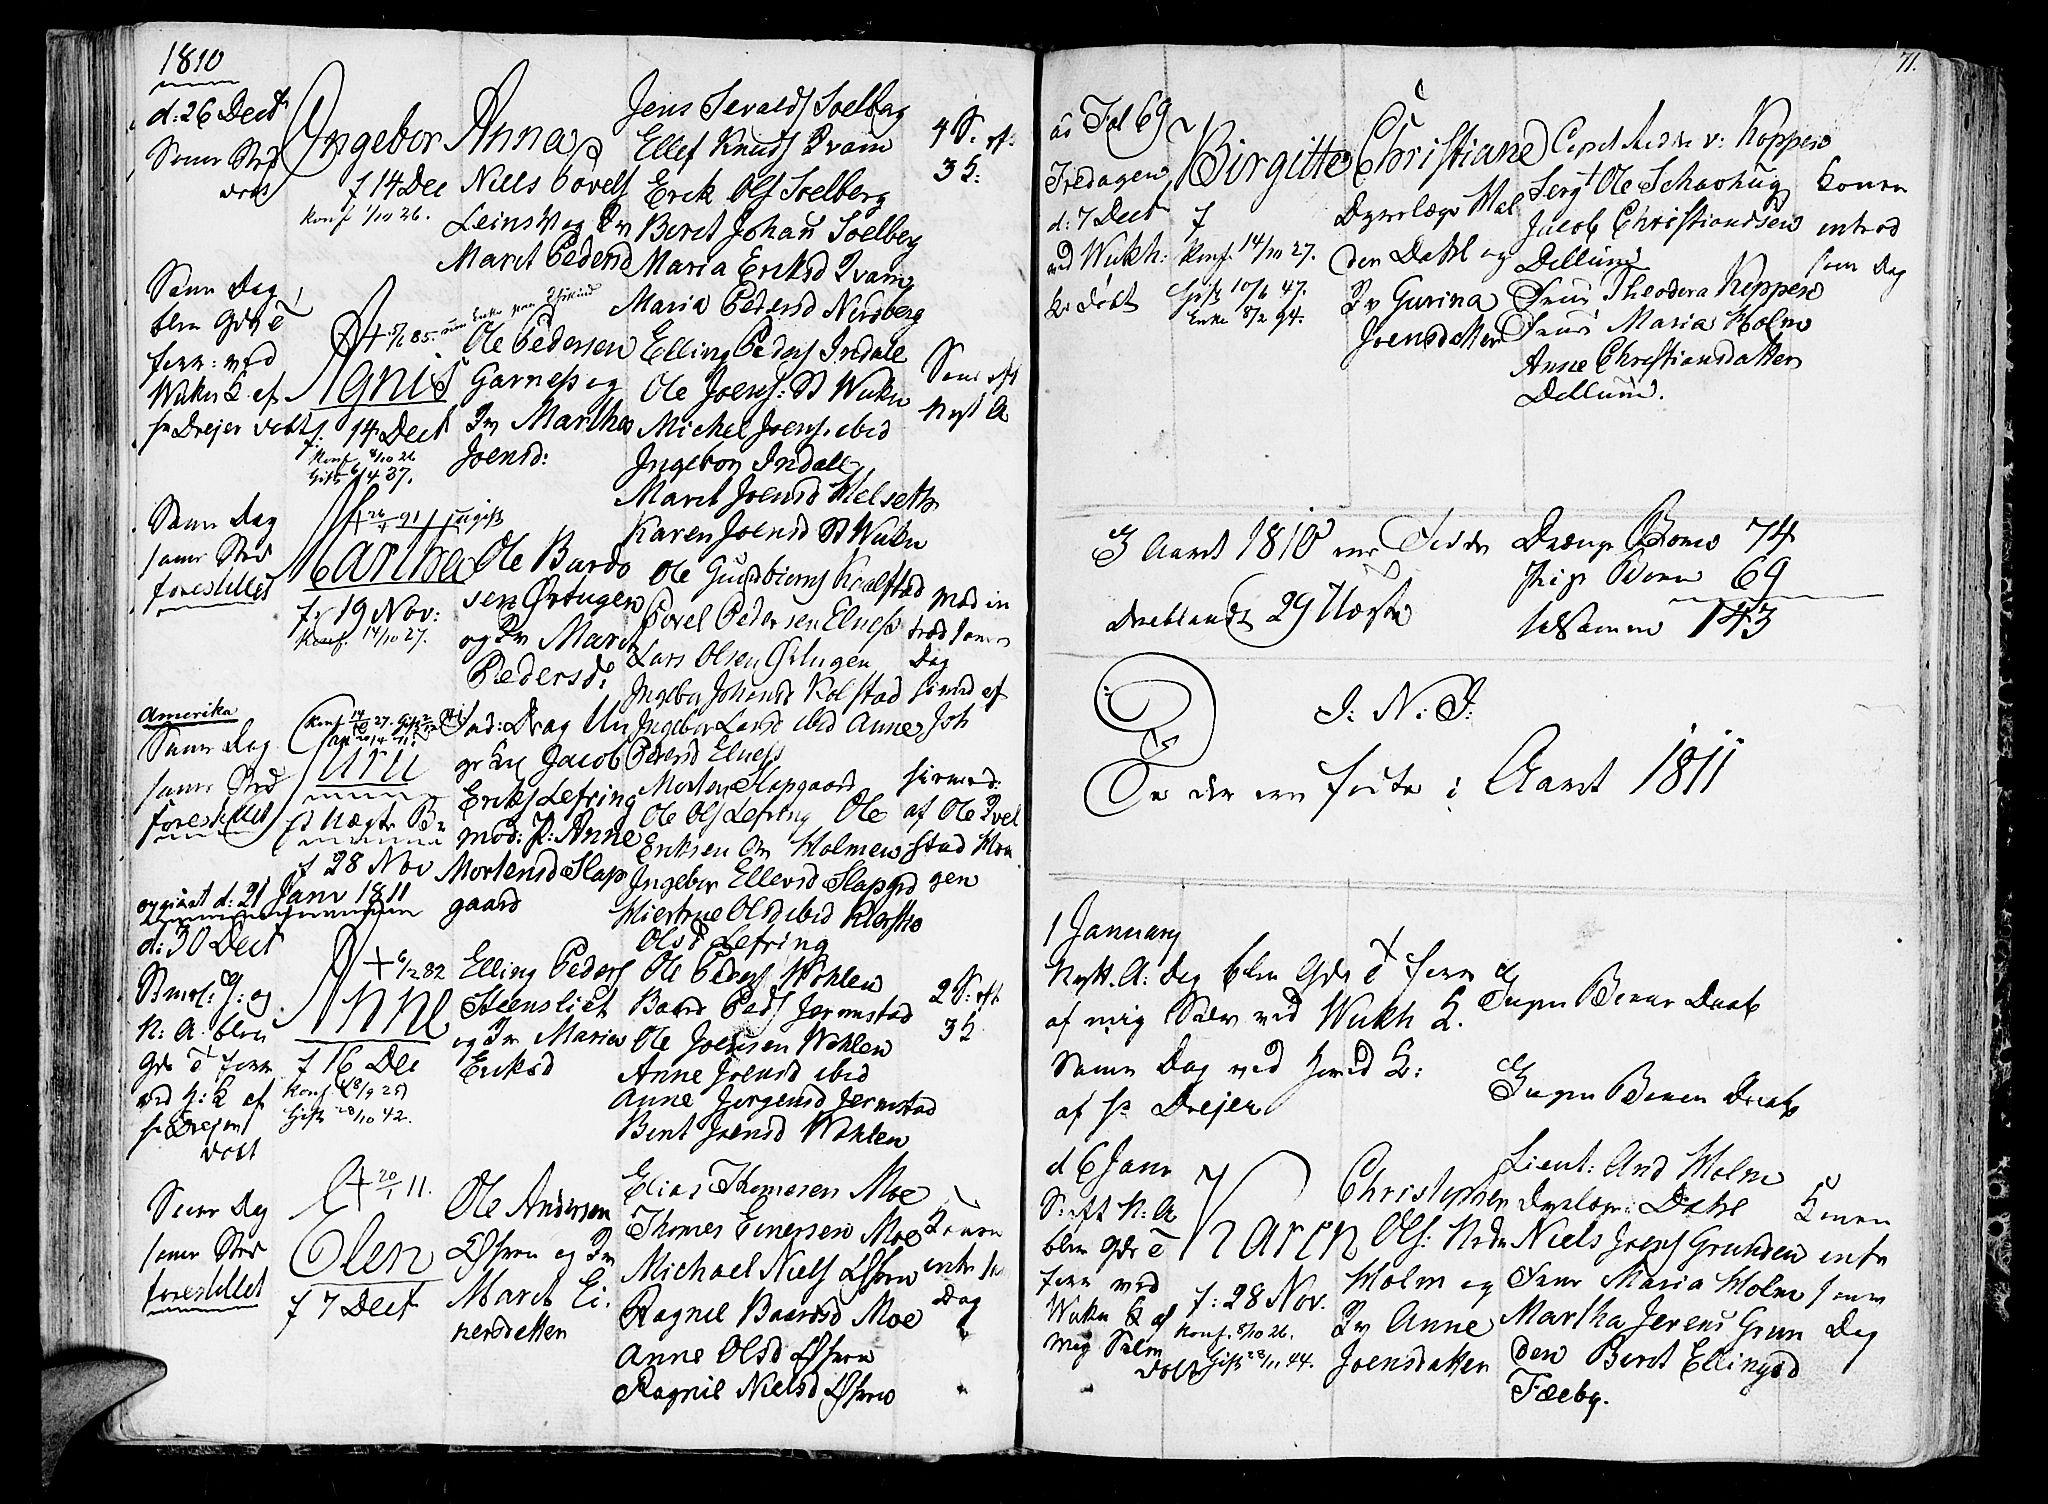 SAT, Ministerialprotokoller, klokkerbøker og fødselsregistre - Nord-Trøndelag, 723/L0233: Ministerialbok nr. 723A04, 1805-1816, s. 71